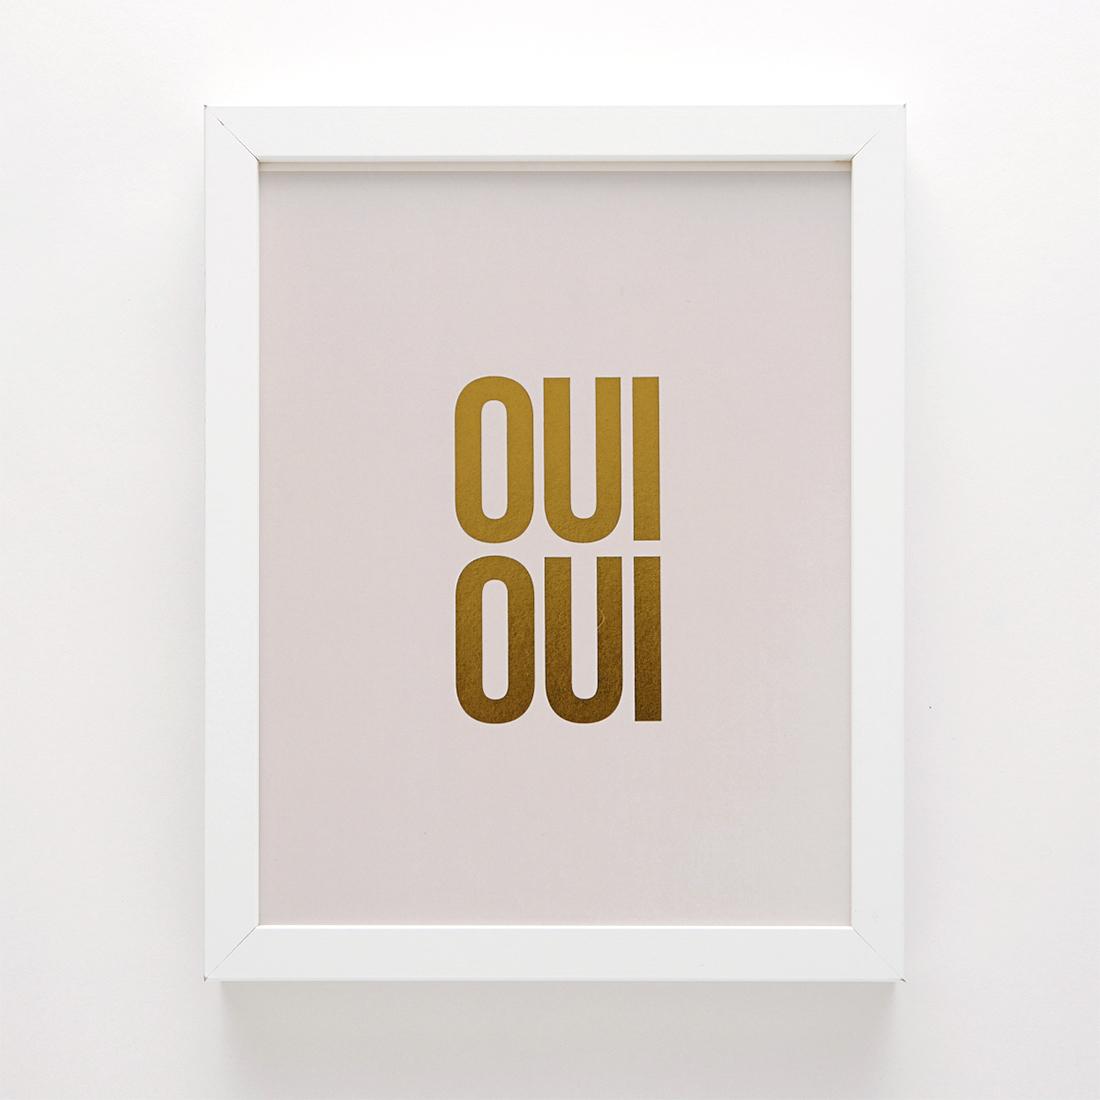 OUI OUI  by Swell Made Co.